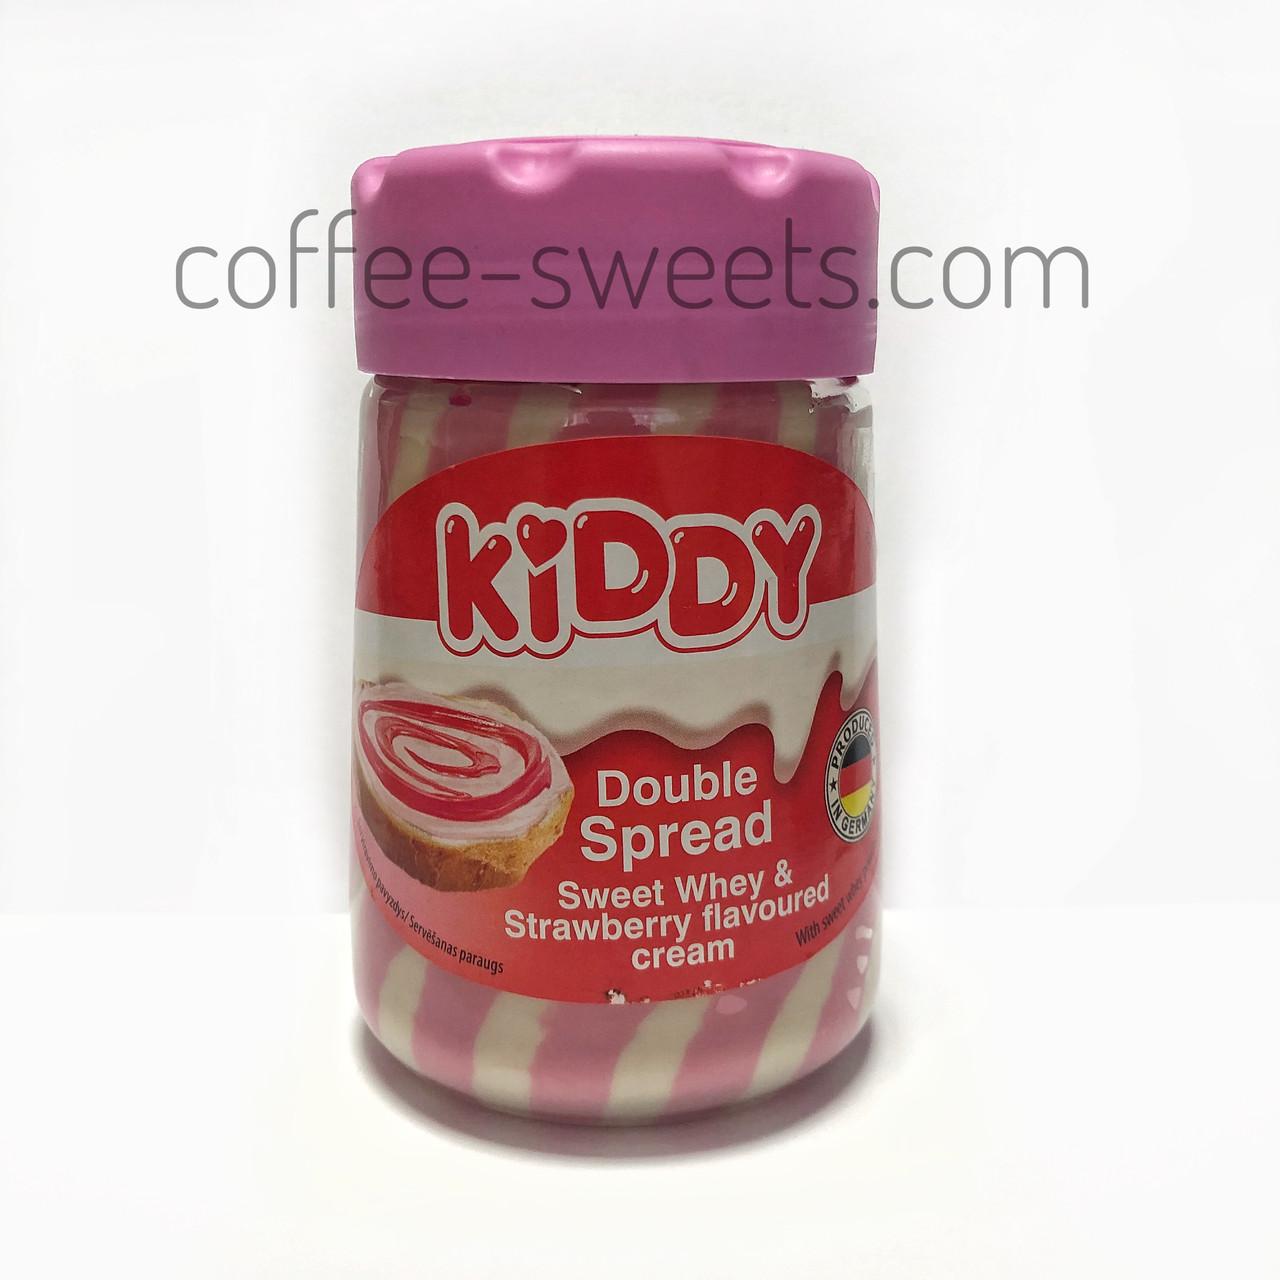 Крем-паста Kiddy Double Spread Sweet Whey & Strawberry flavoured Cream 400g